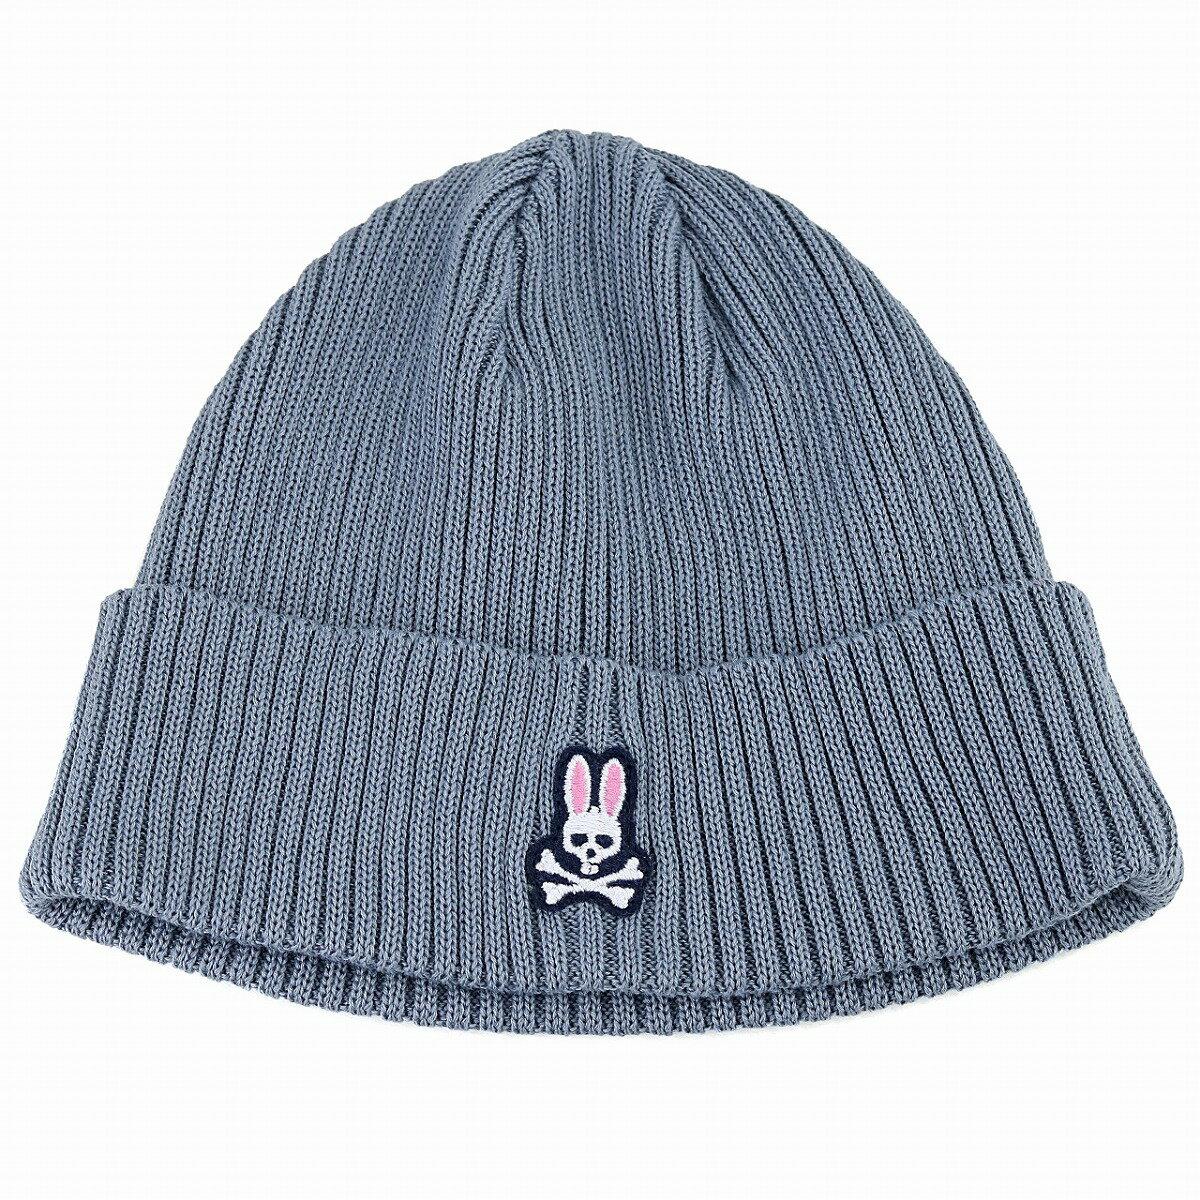 サマーニットワッチ 夏 涼しいニット帽 サイコバニー Psycho Bunny ニット帽 メンズ レディース サマーニット 帽子 ニットワッチ 春夏 サマーニット帽 ニットキャップ ファッション コーデ おしゃれ スカル うさぎ 帽子 ブランド ニット グレー [ beanie cap ] [ knit cap ]